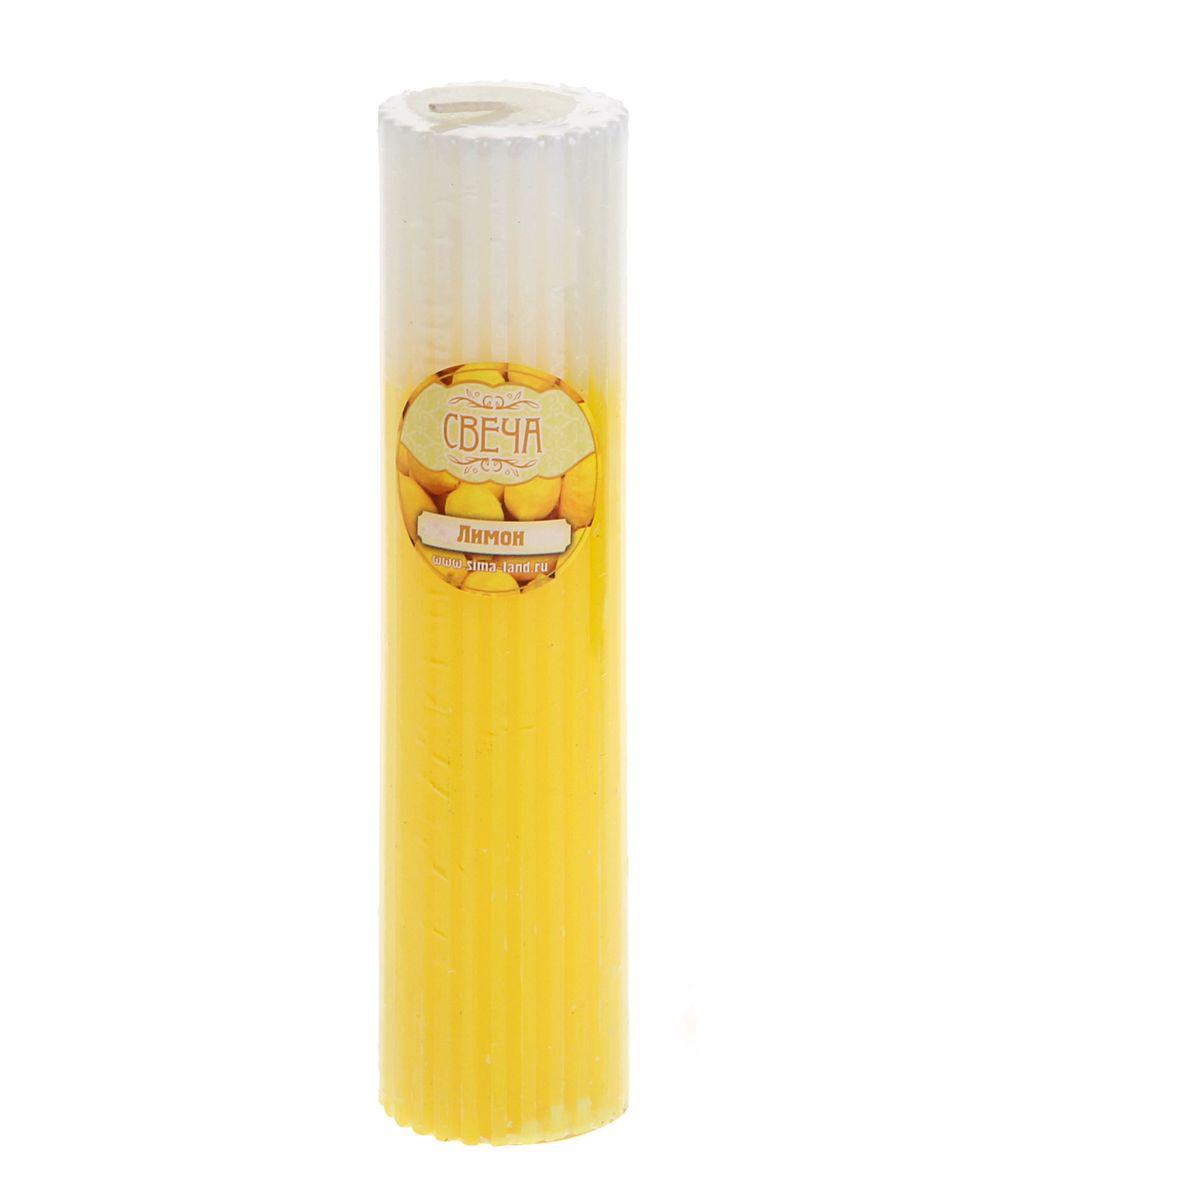 Свеча ароматизированная Sima-land Лимон, высота 15 см849505Свеча Sima-land Лимон выполнена из воска и оформлена резным рельефом. Свеча порадует ярким дизайном и сочным ароматом лимона, который понравится как женщинам, так и мужчинам. Создайте для себя и своих близких незабываемую атмосферу праздника в доме. Ароматическая свеча Sima-land Лимон раскрасит серые будни яркими красками.